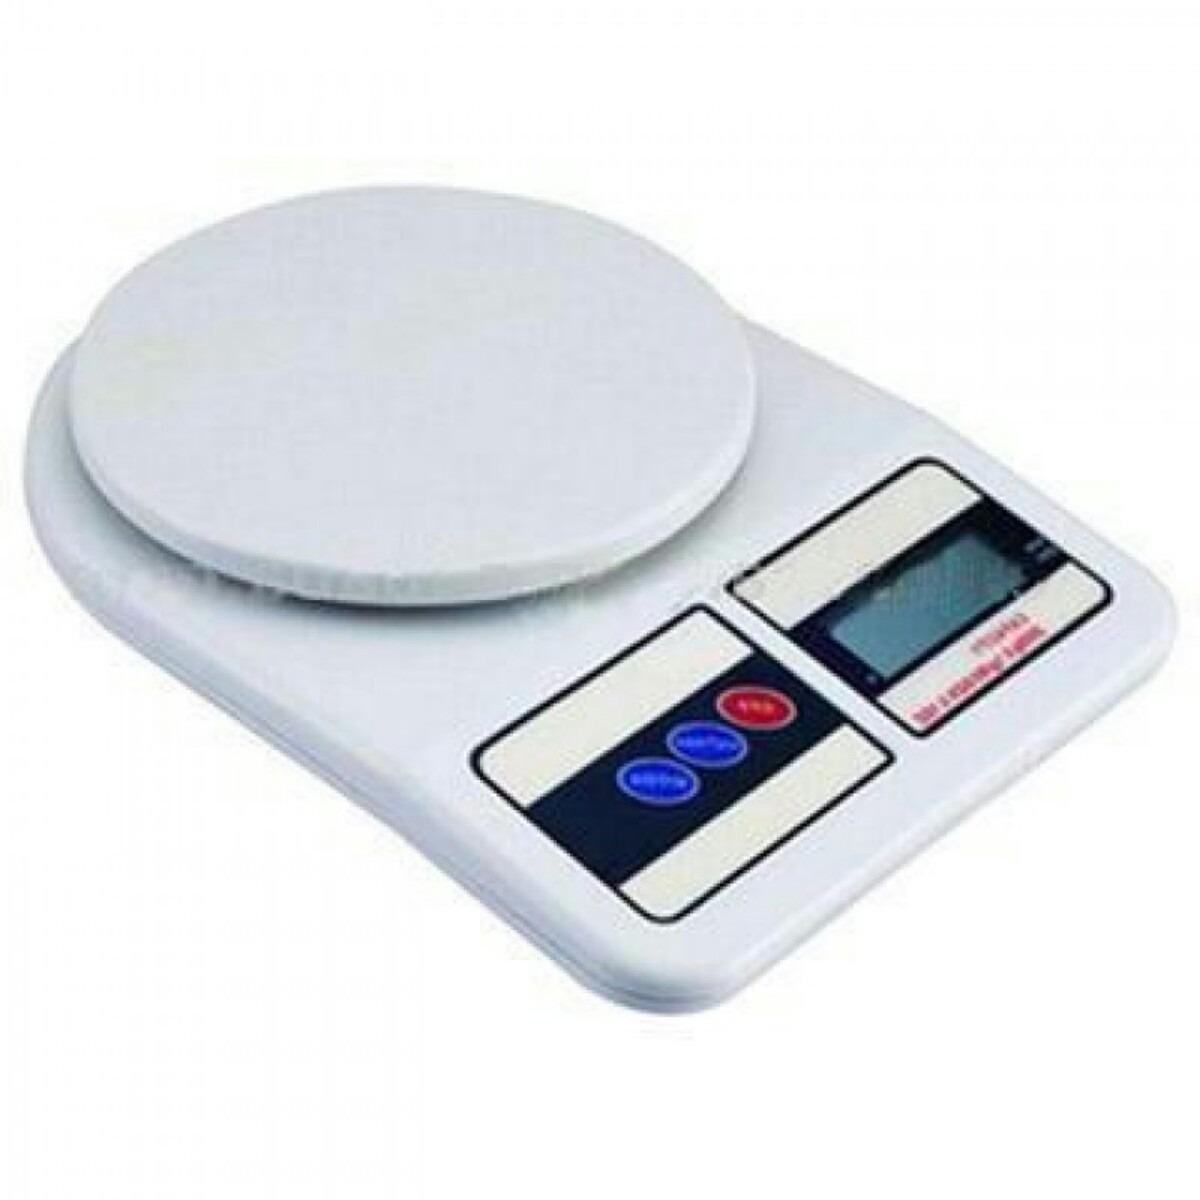 Pesa De 1gr A 10kg Melhor Preço R$ 49 97 em Mercado Livre #1F30AC 1200x1200 Balança De Banheiro Mercado Livre